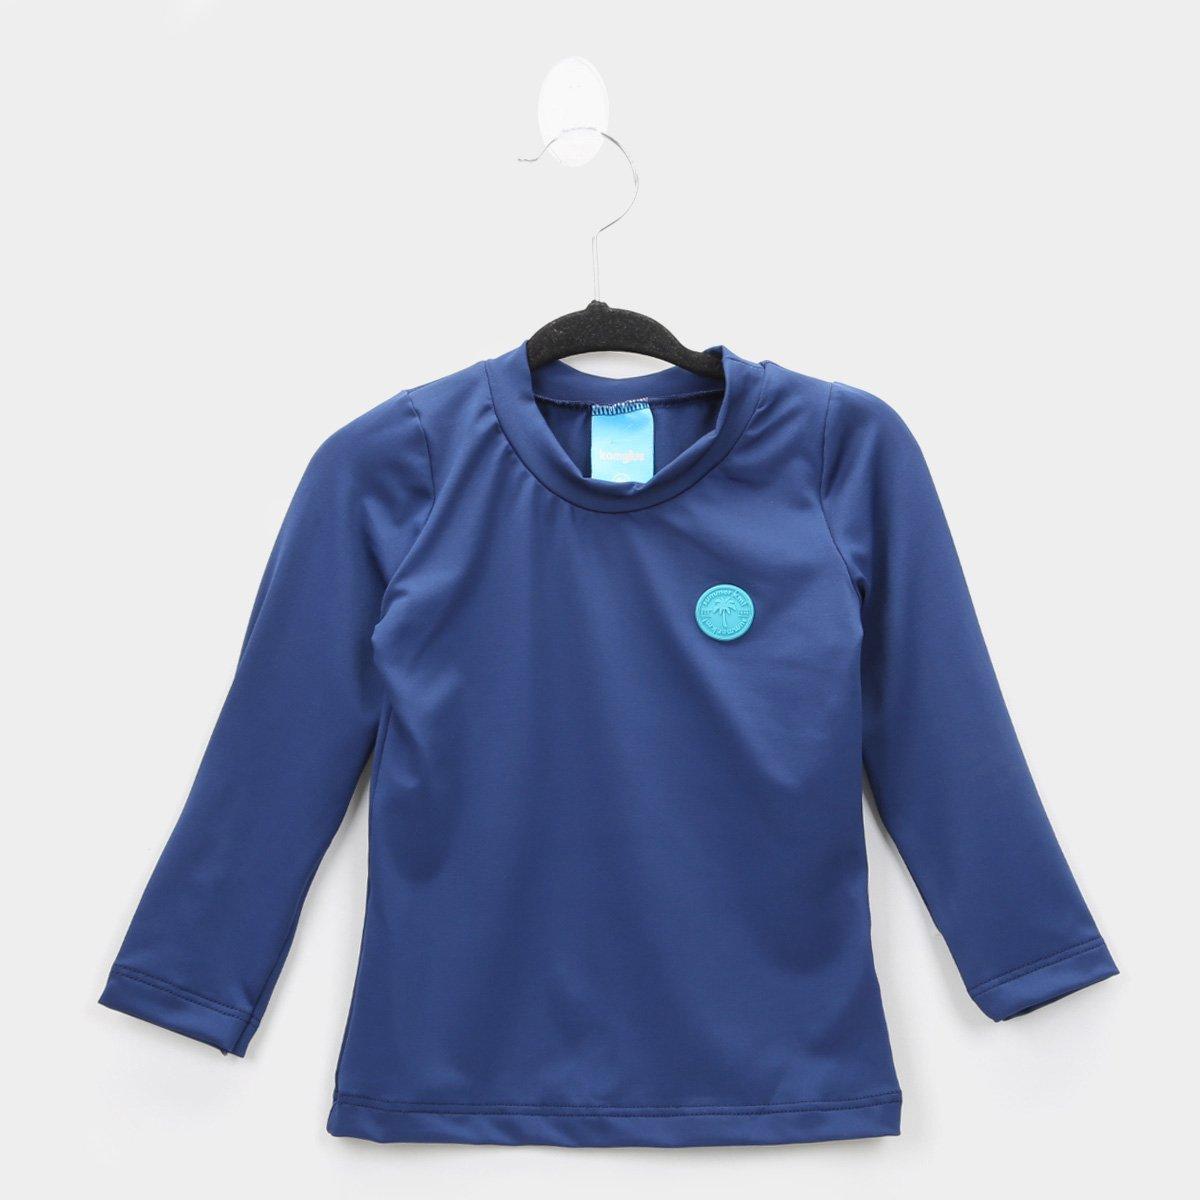 Camiseta Infantil Kamylus Proteção UV 50+ Feminina